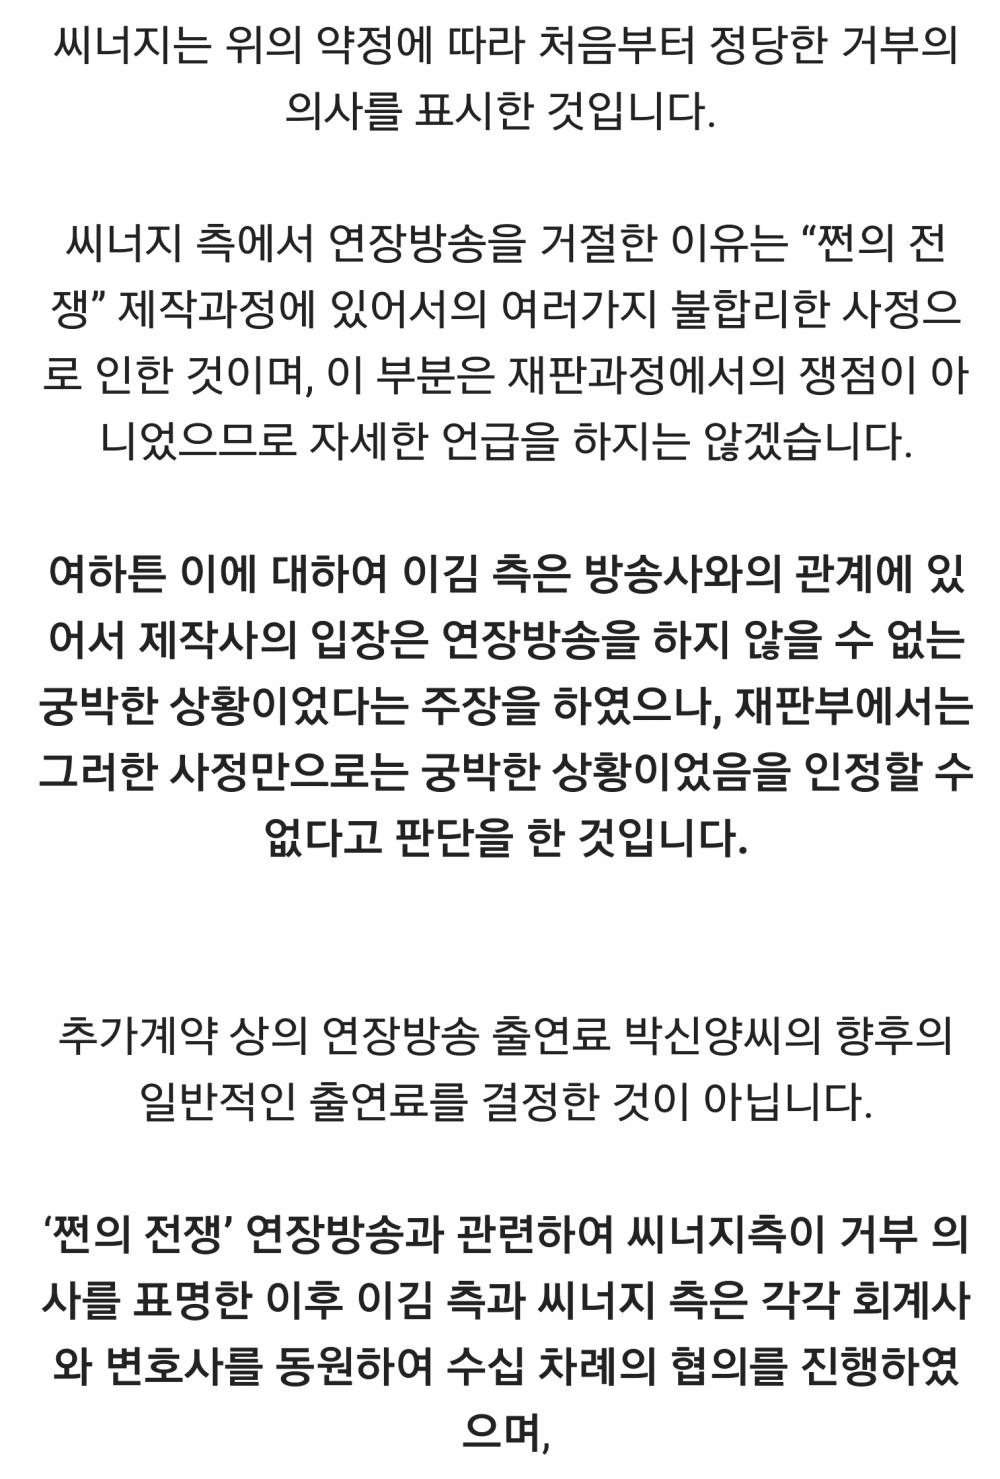 박신양3.png 박신양이 출연정지 당했던 사건.jpg